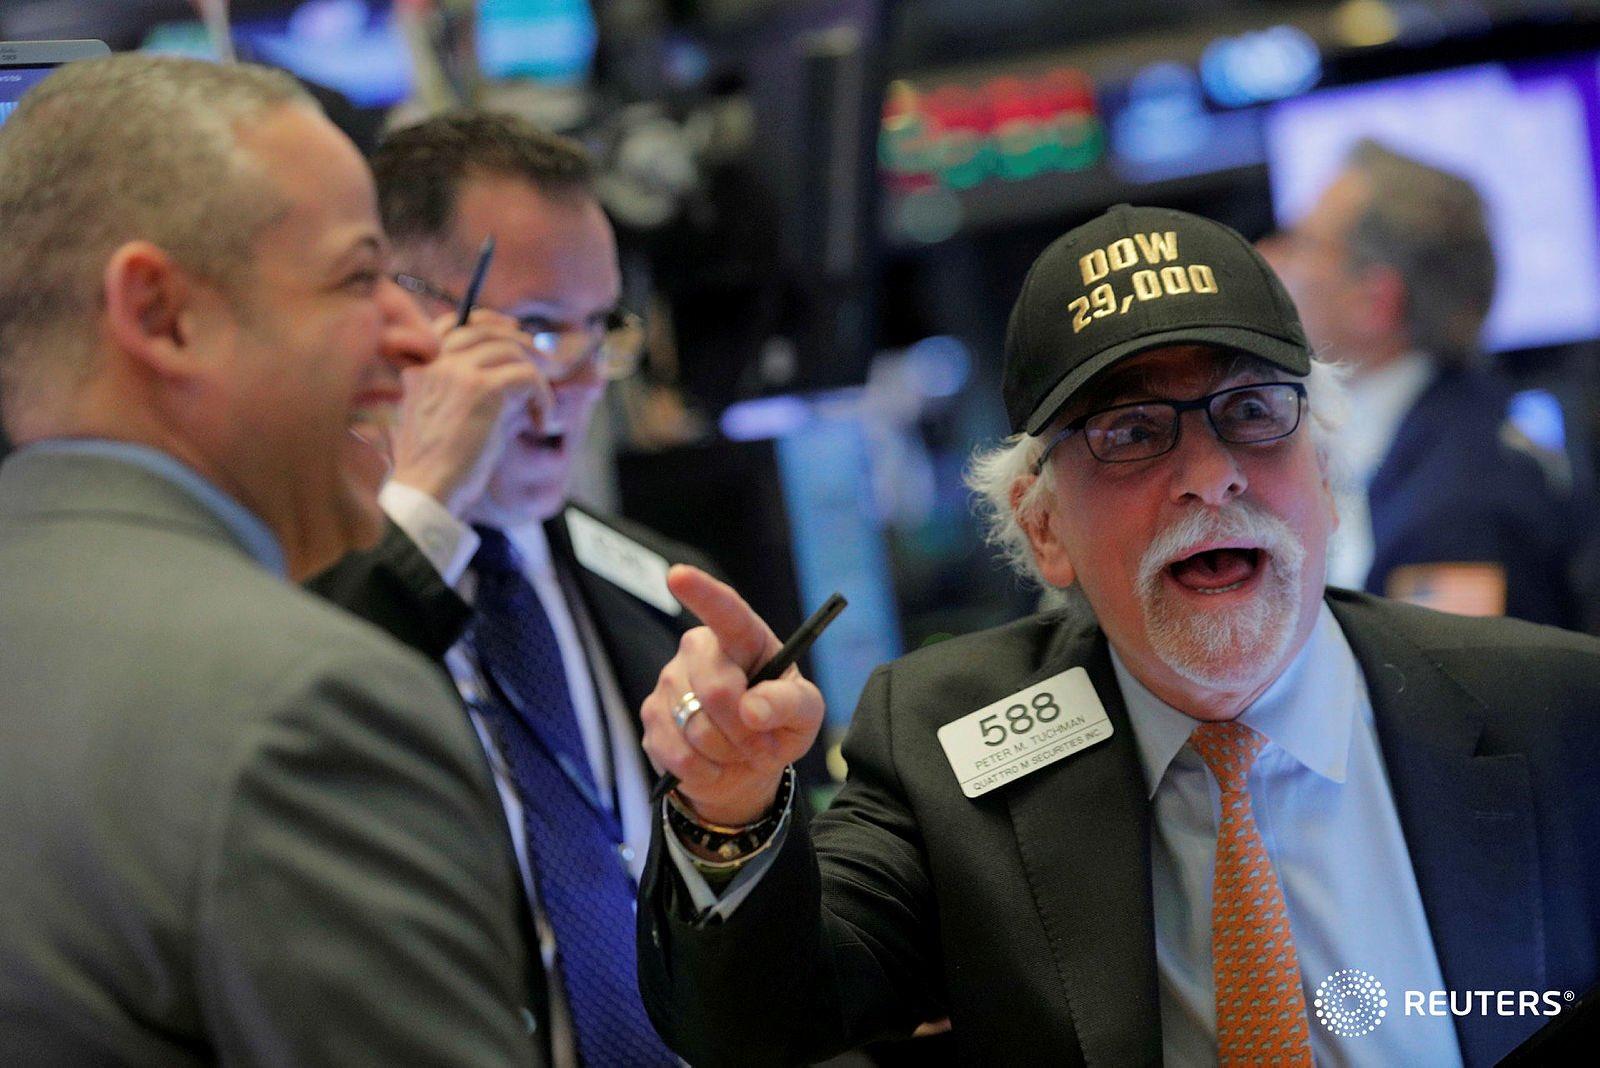 Peter Tuchman con su gorra del Dow Jones 29,000 en la Bolsa de Nueva York